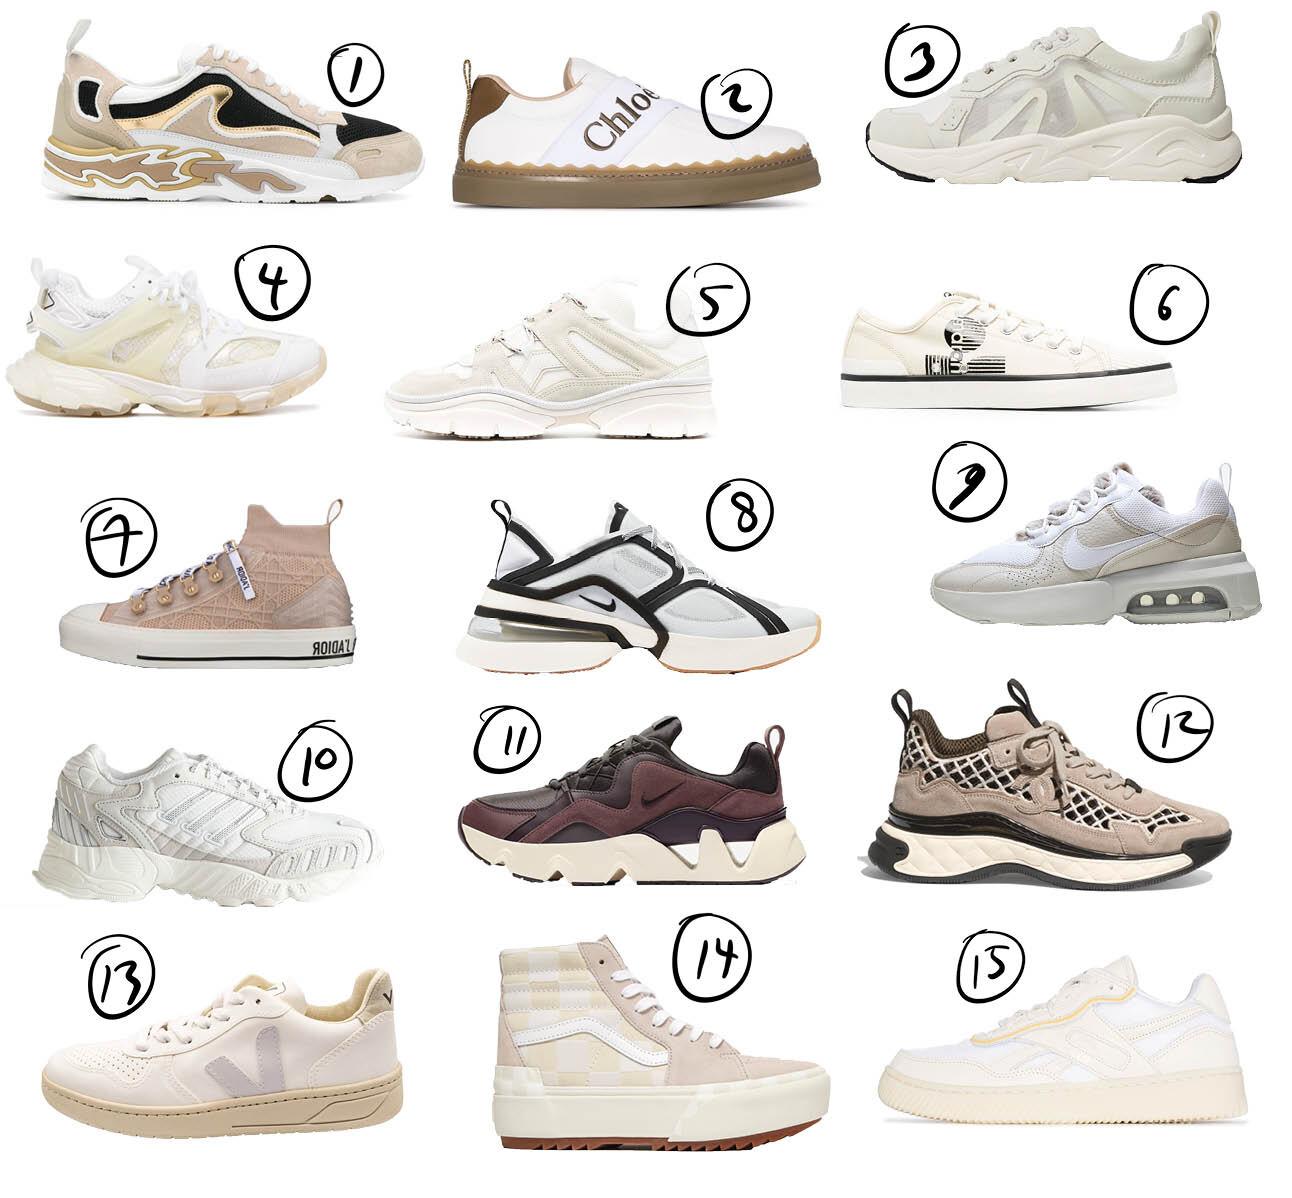 15 x de sneakers die we deze lente aan onze voeten willen